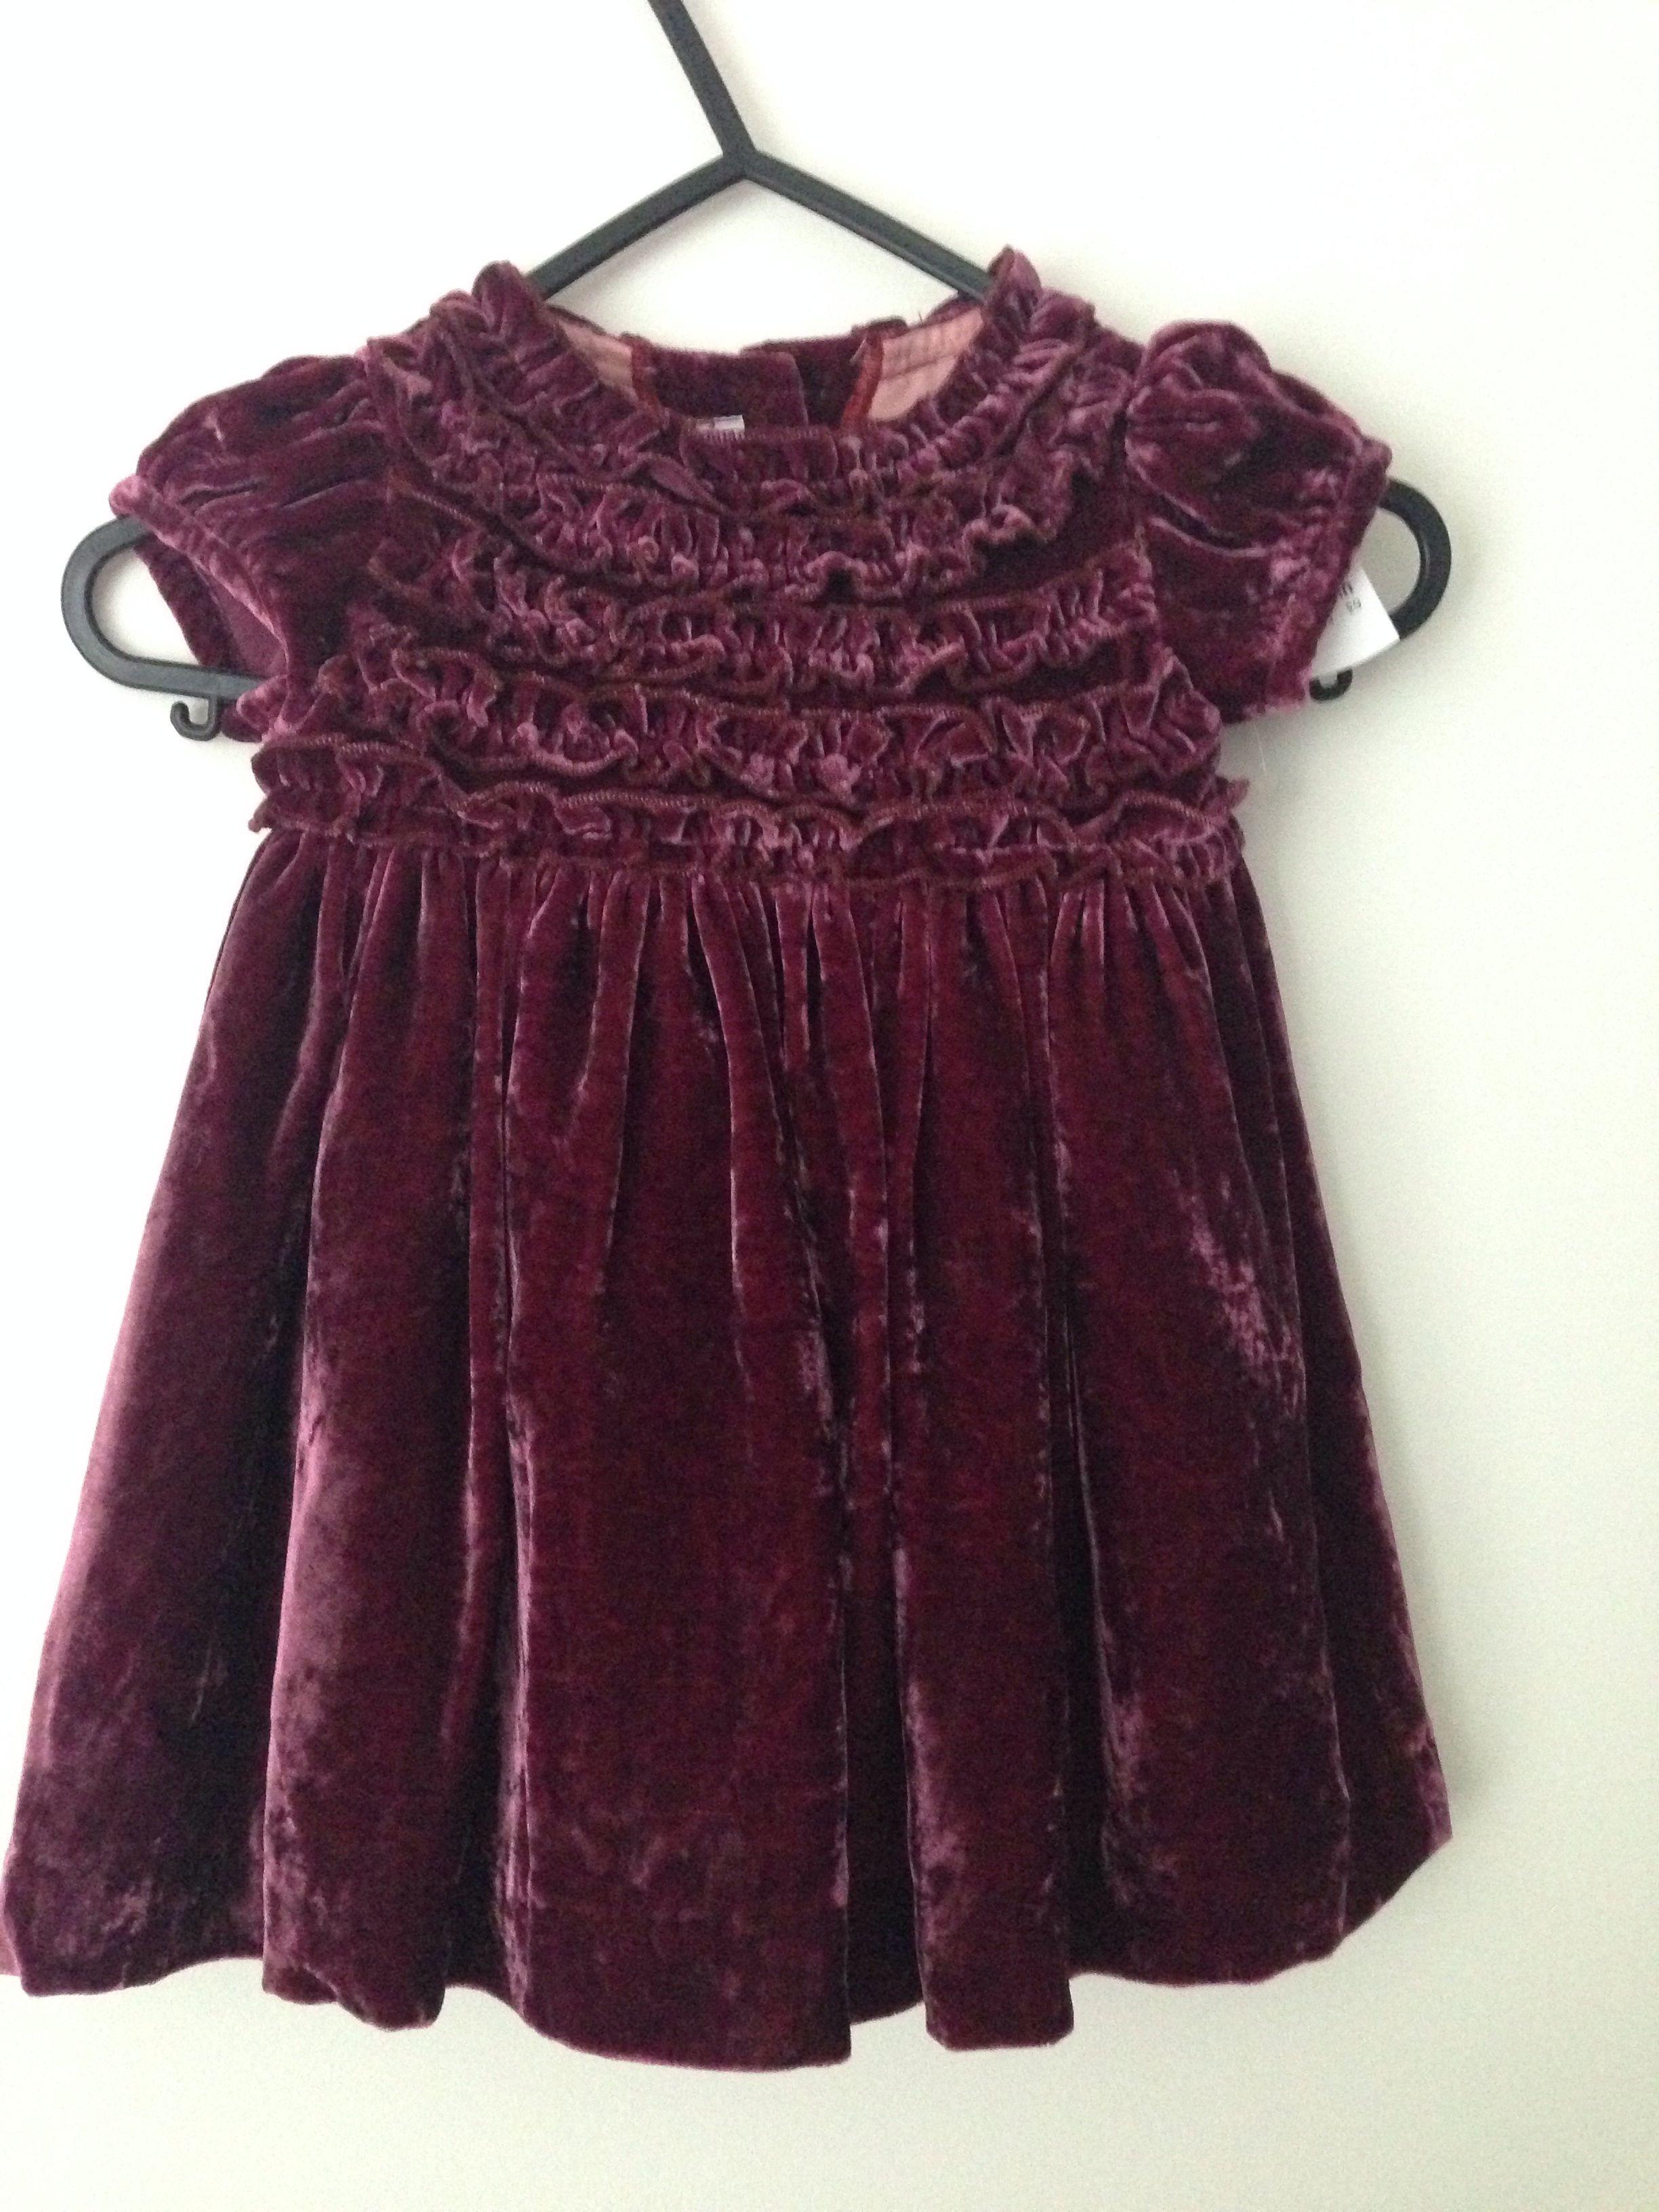 1591e9a0749c7 Baby girl velvet Dress for 1 year old | Kid's Custume & Fashion ...